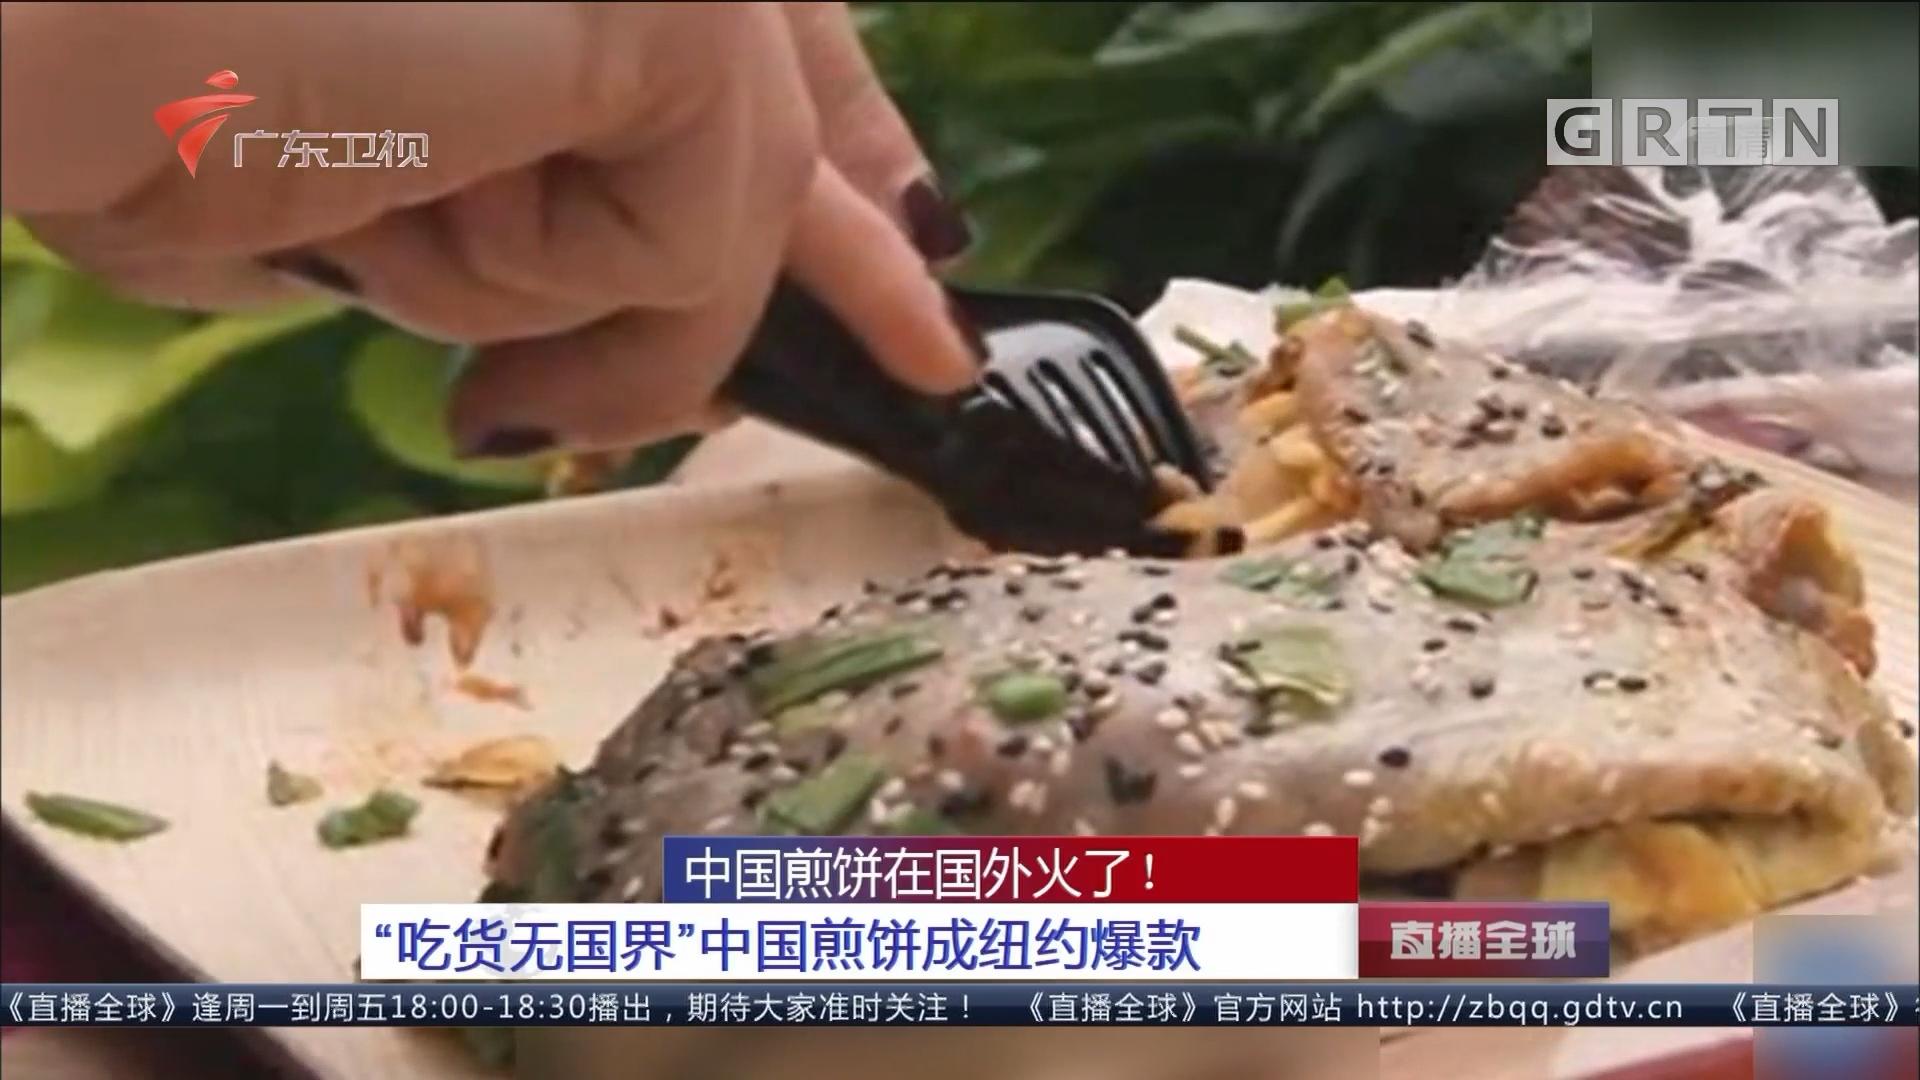 """中国煎饼在国外火了!""""吃货无国界""""中国煎饼成纽约爆款"""